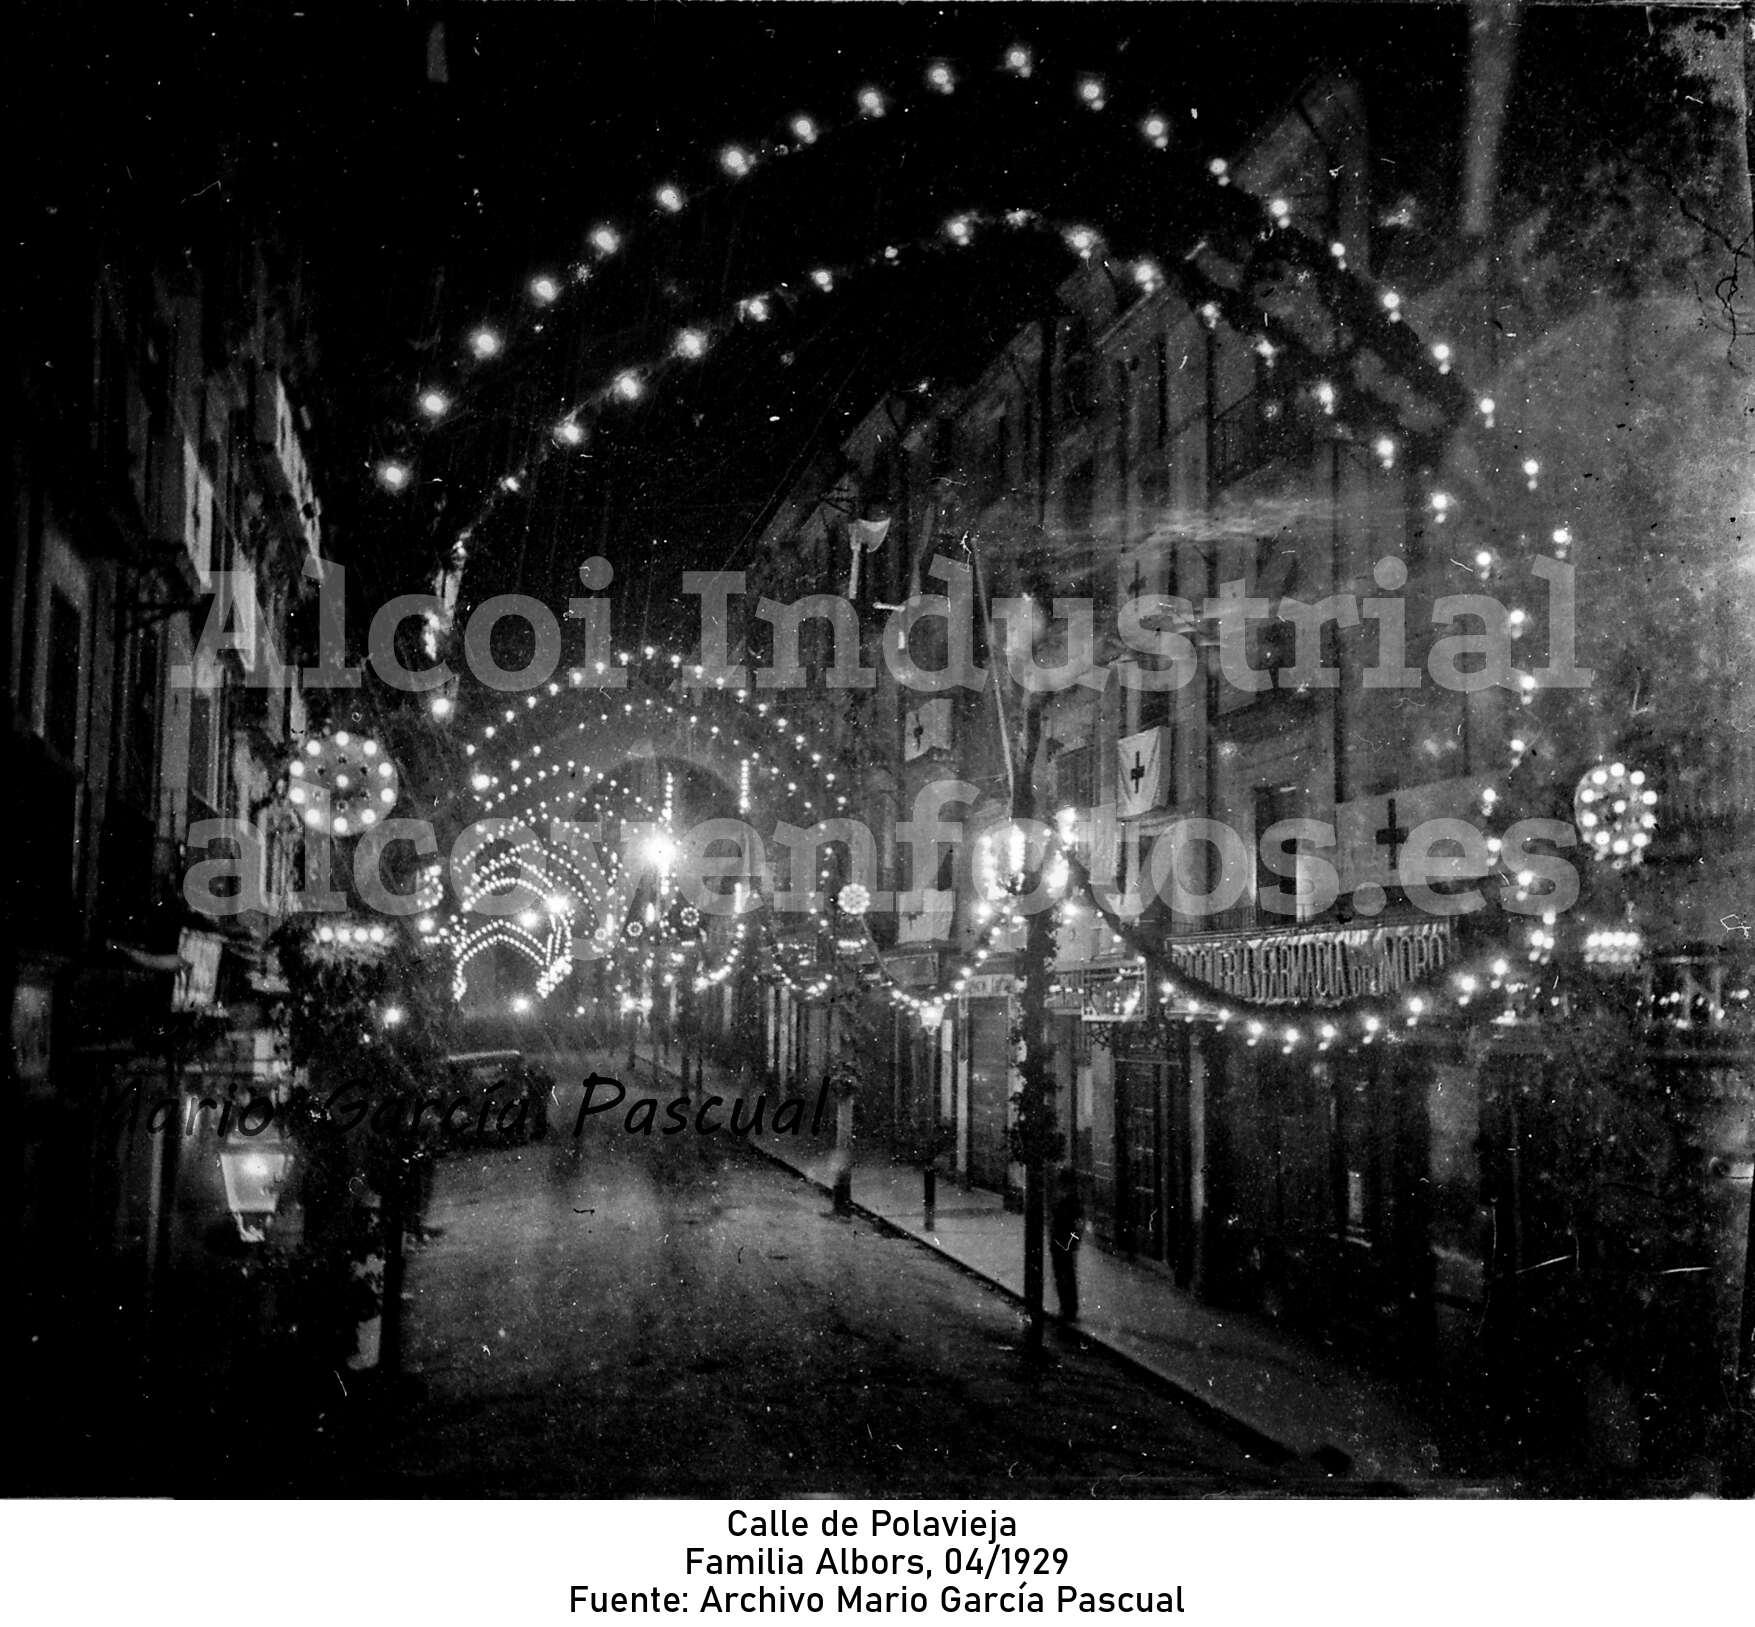 Calle de Polavieja